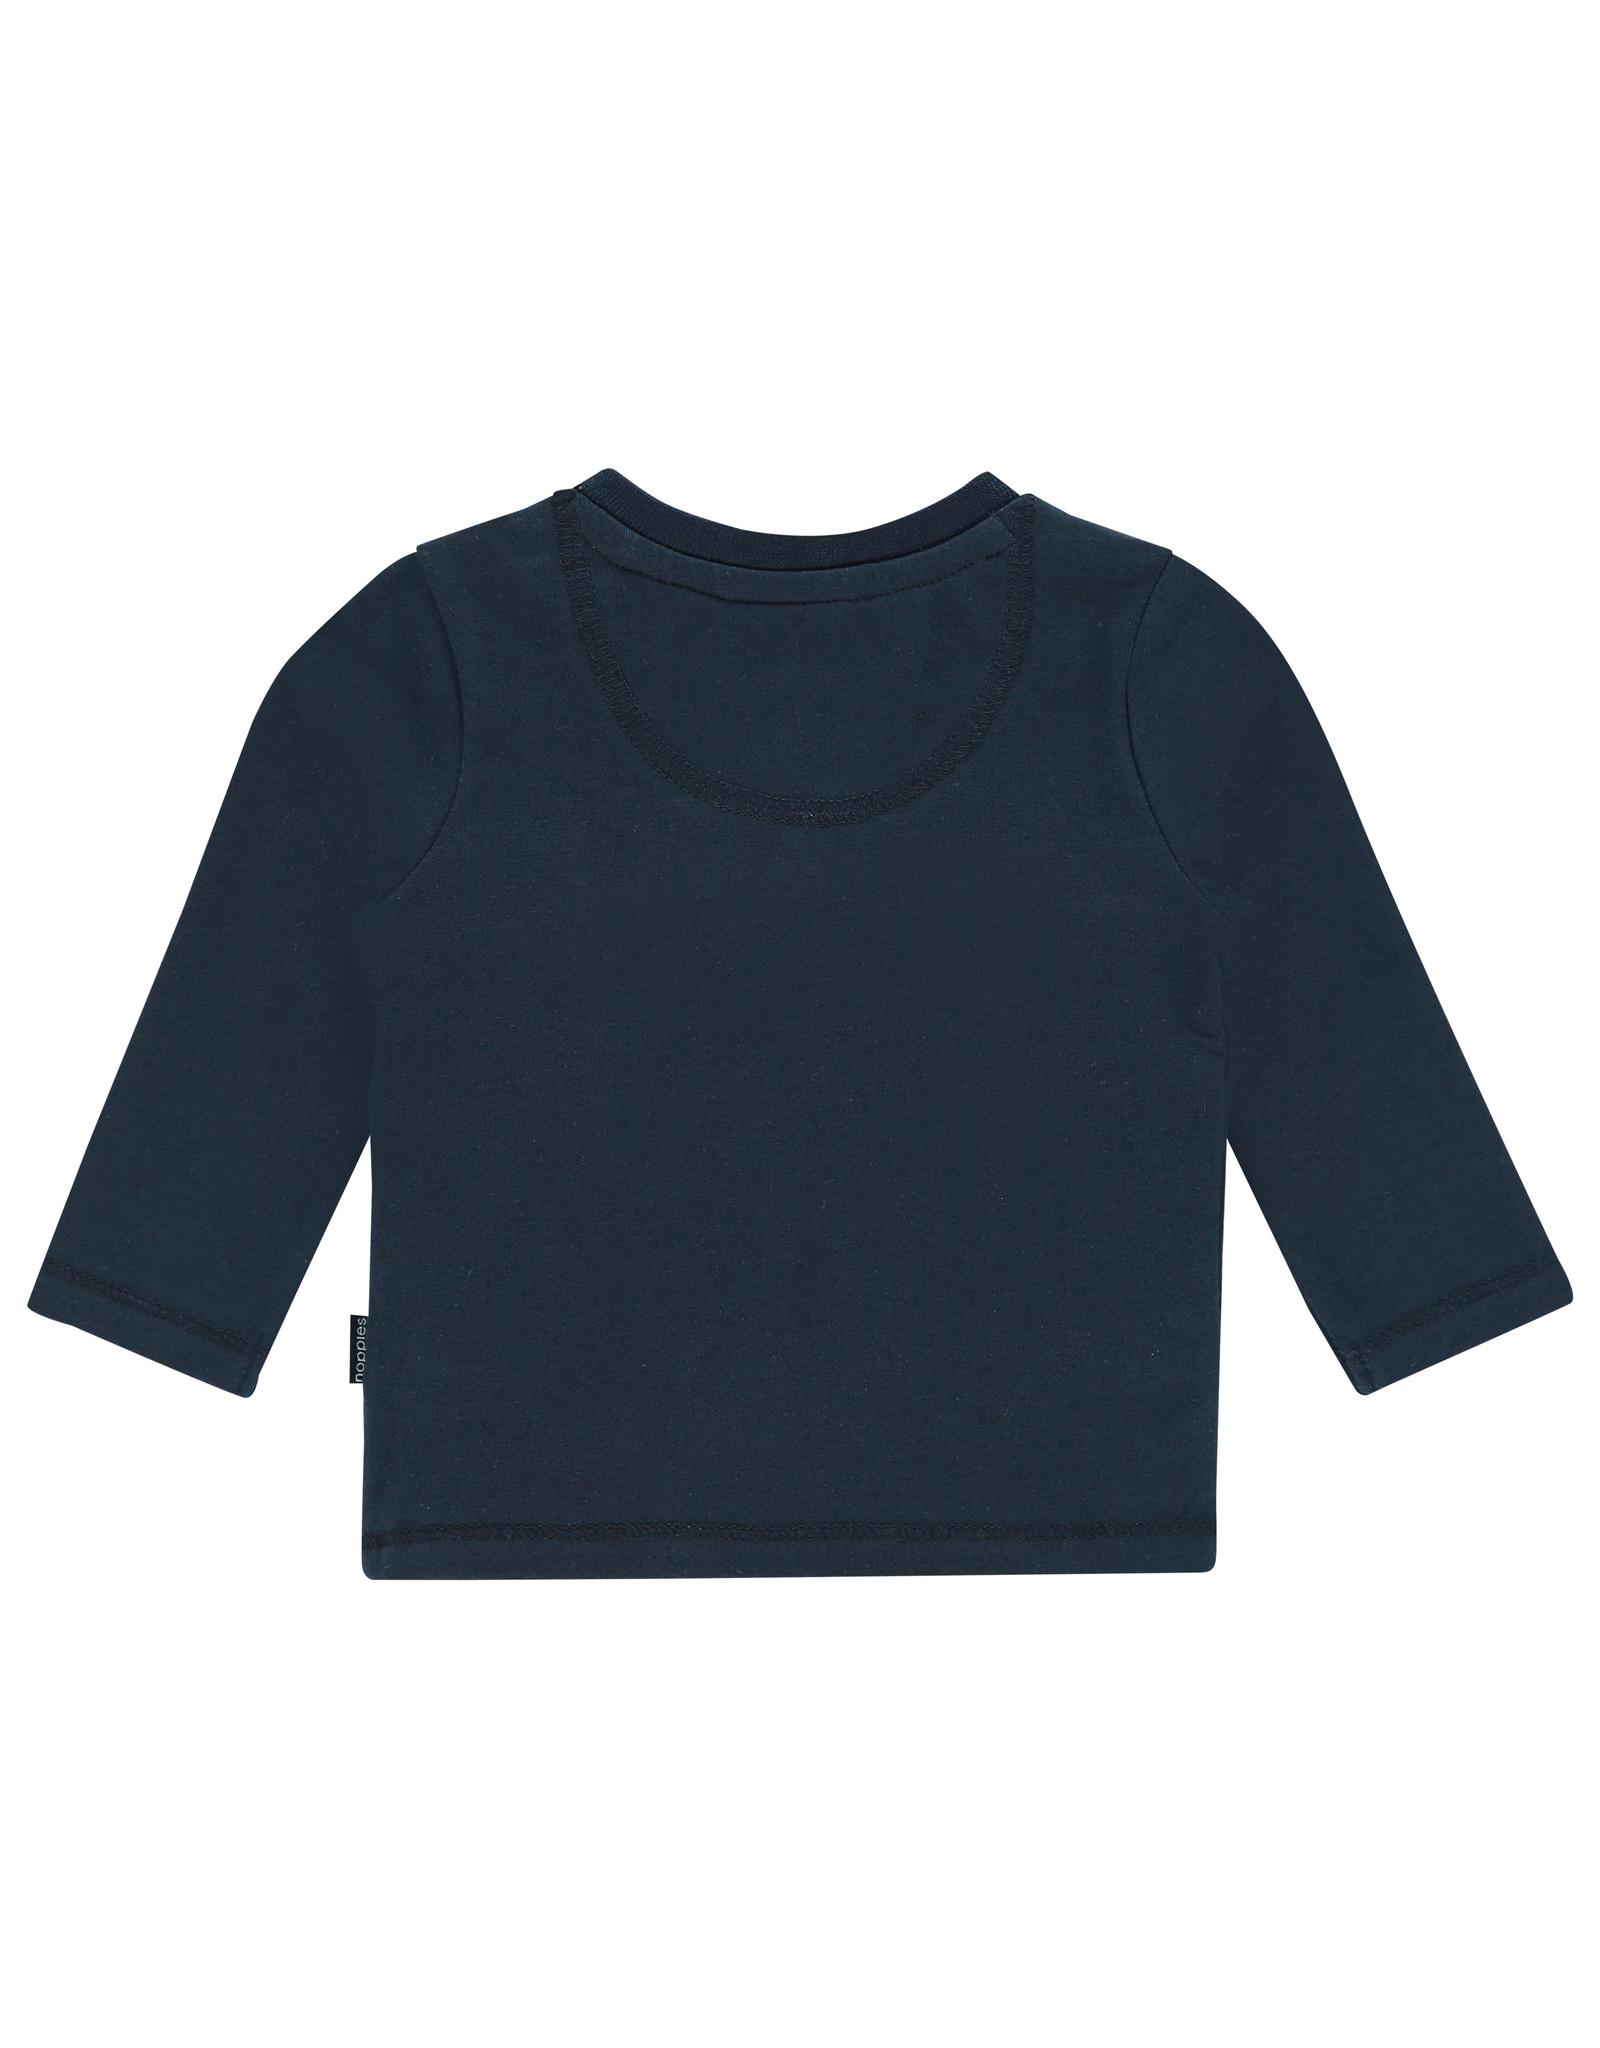 Noppies B Regular T-shirt ls Masonboro, Dark Sapphire